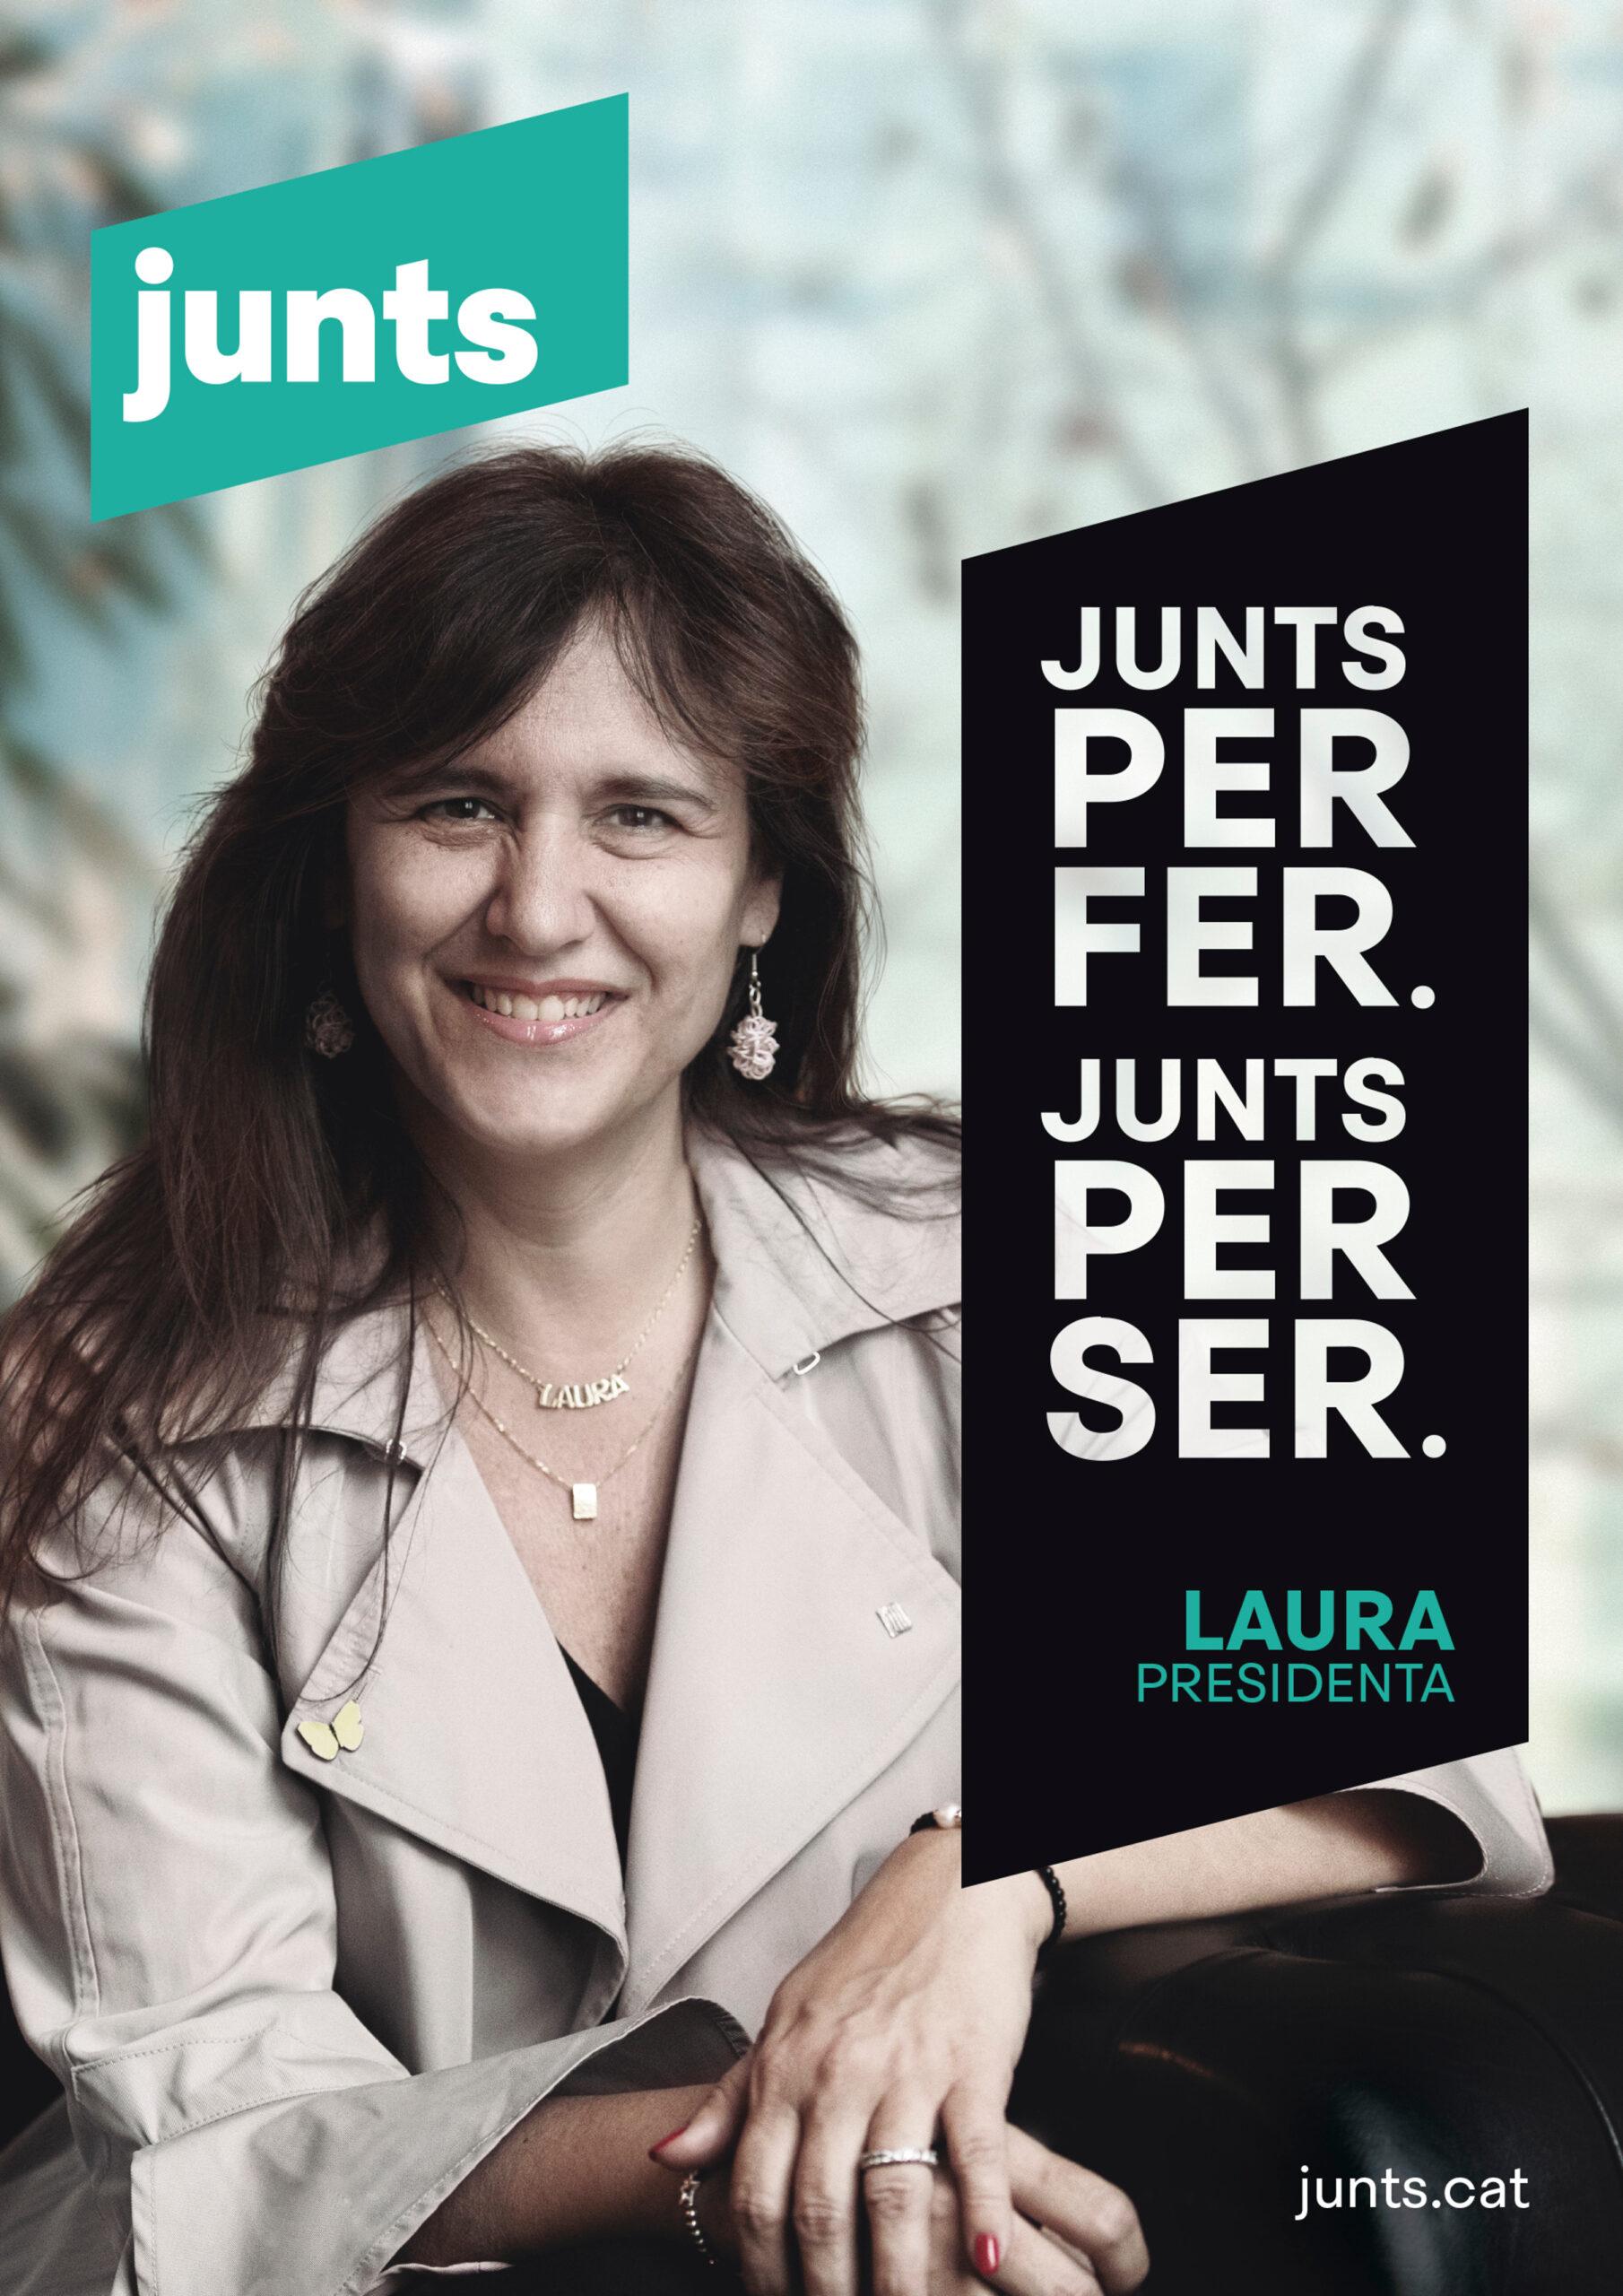 Cartell electoral de la candidata de JxCat, Laura Borràs, amb el lema 'Junts per ser. Junts per fer'